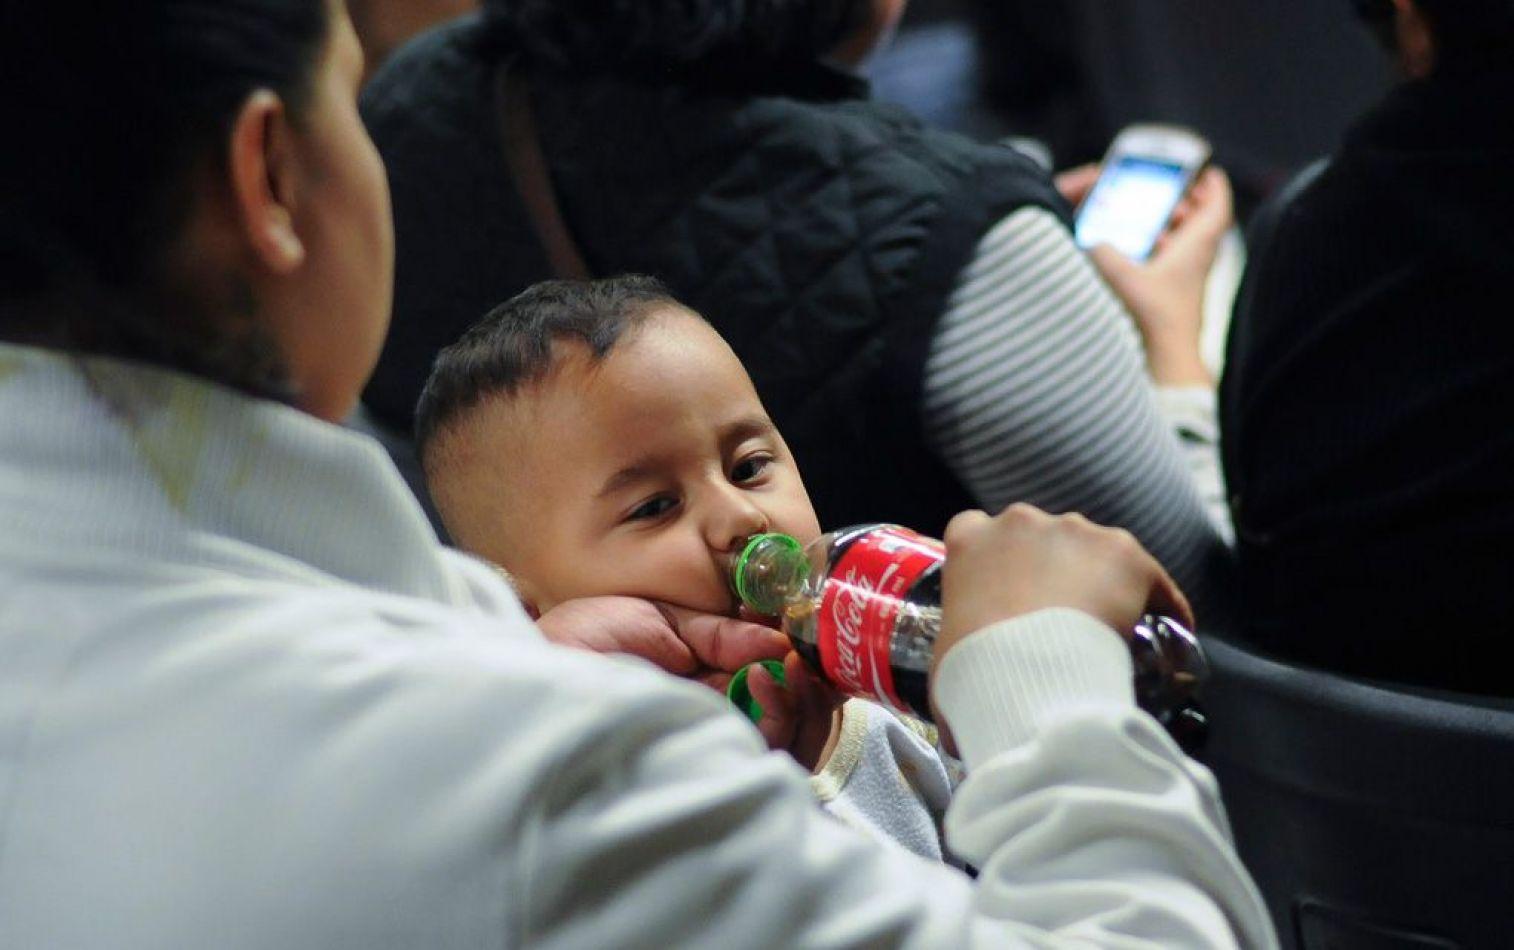 América Latina y el Caribe tiene el segundo mayor porcentaje de sobrepeso infantil del mundo (7,3%), equivalente a 3,9 millones de niños